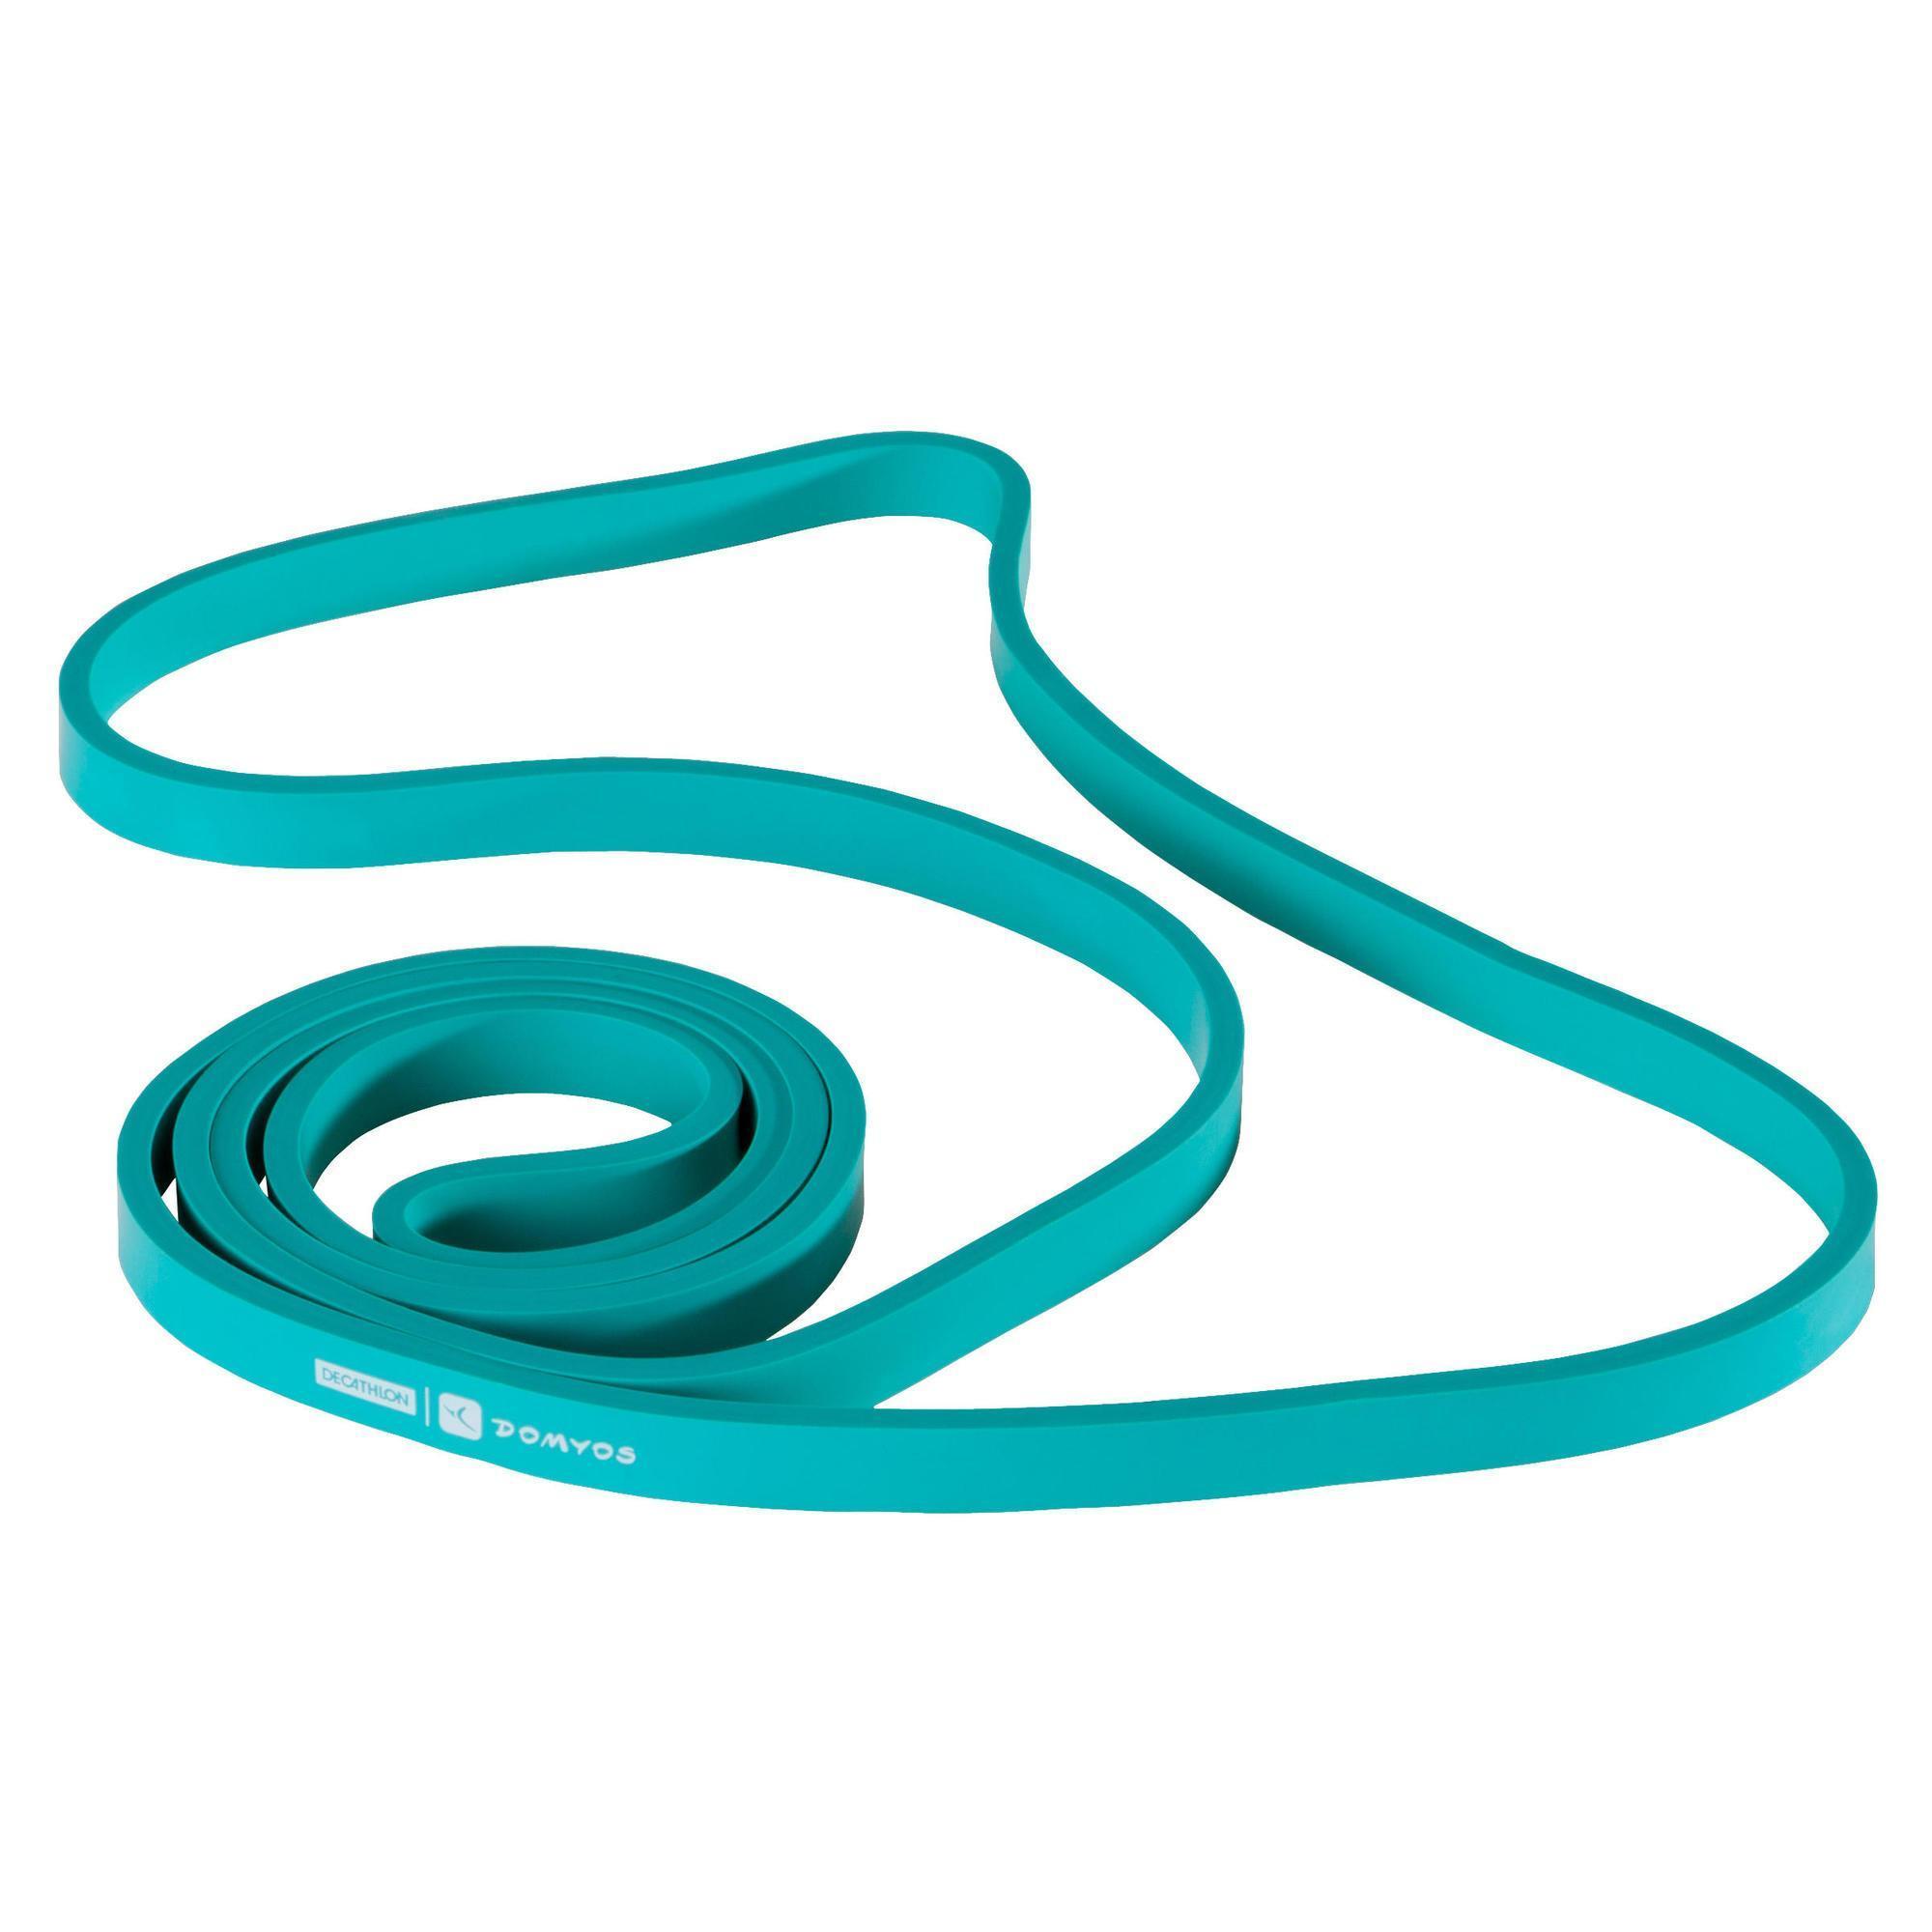 Decathlon Trainingsband